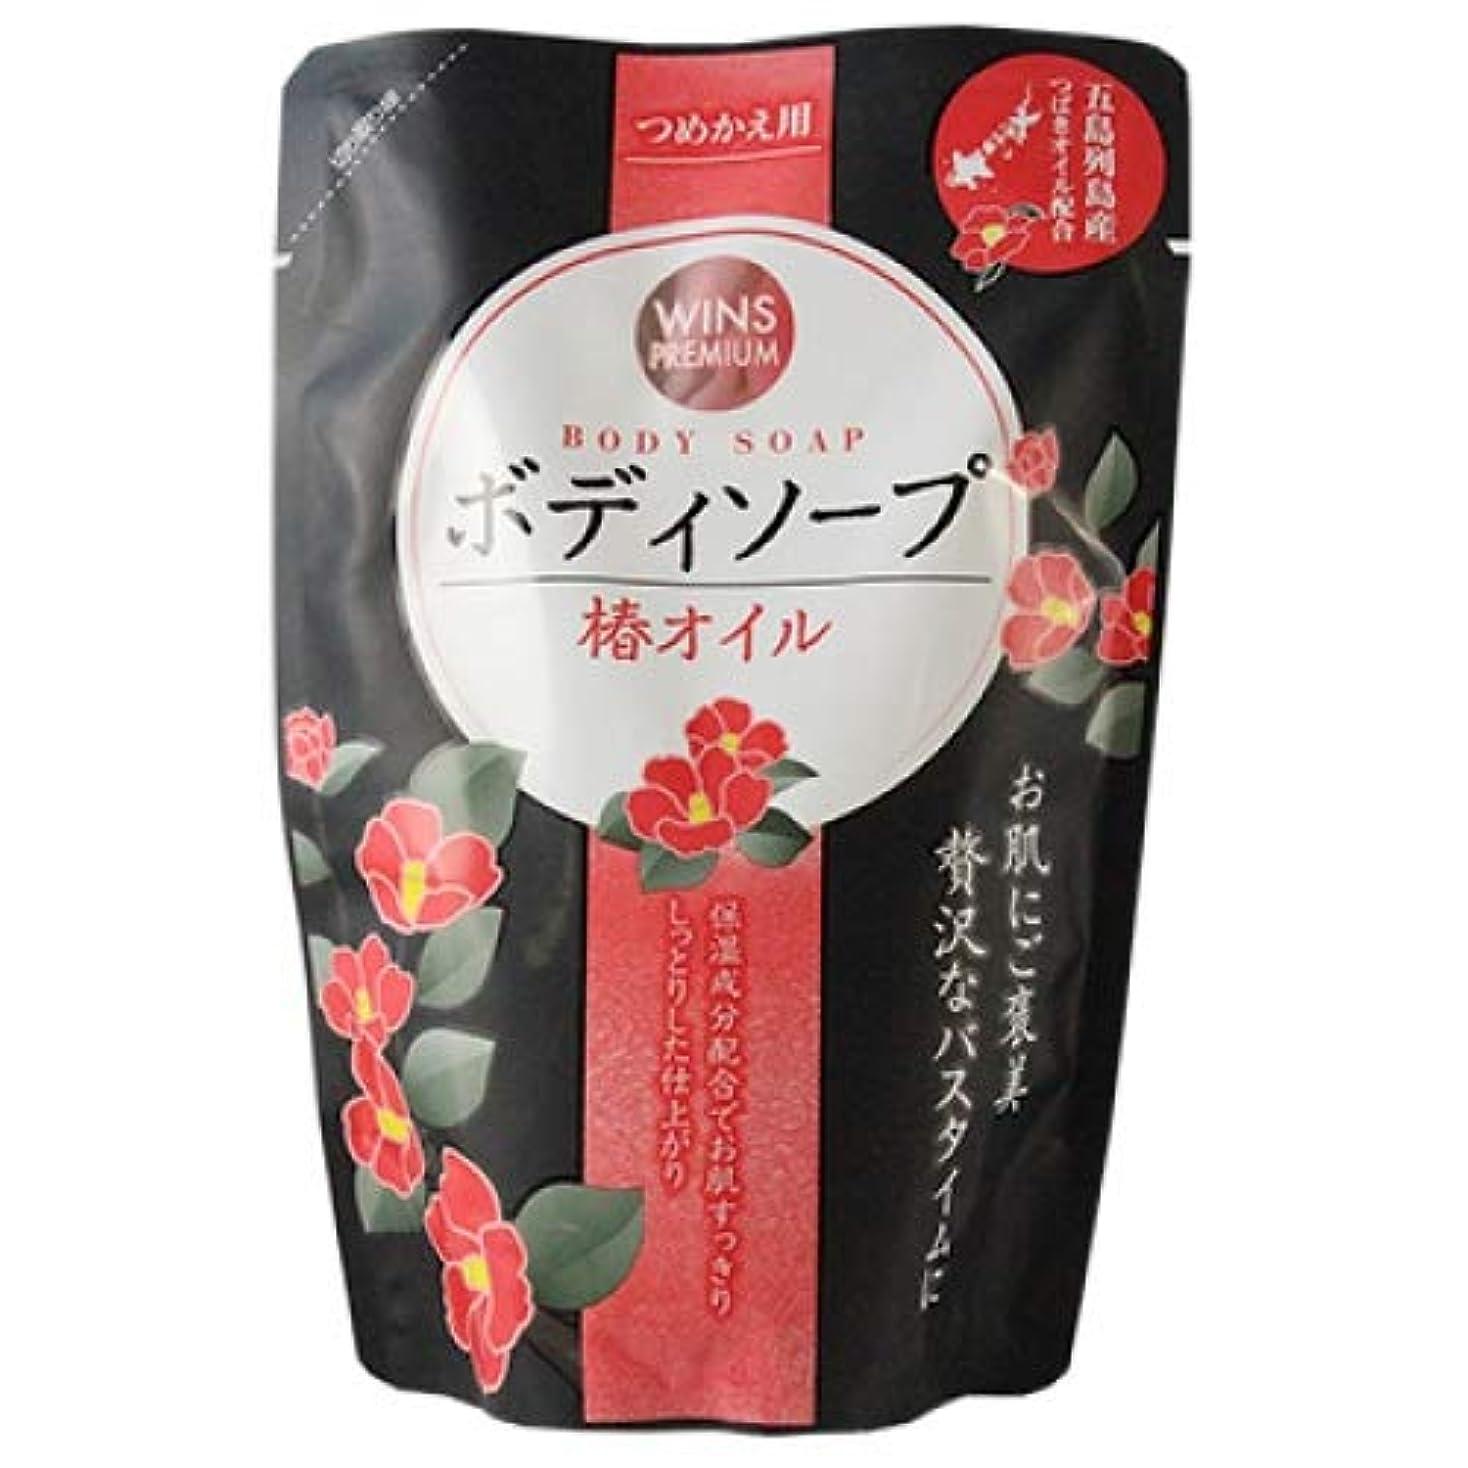 酸化物素子海里日本合成洗剤 ウインズ 椿オイル ボディソープ つめかえ用 400mL 4904112827240